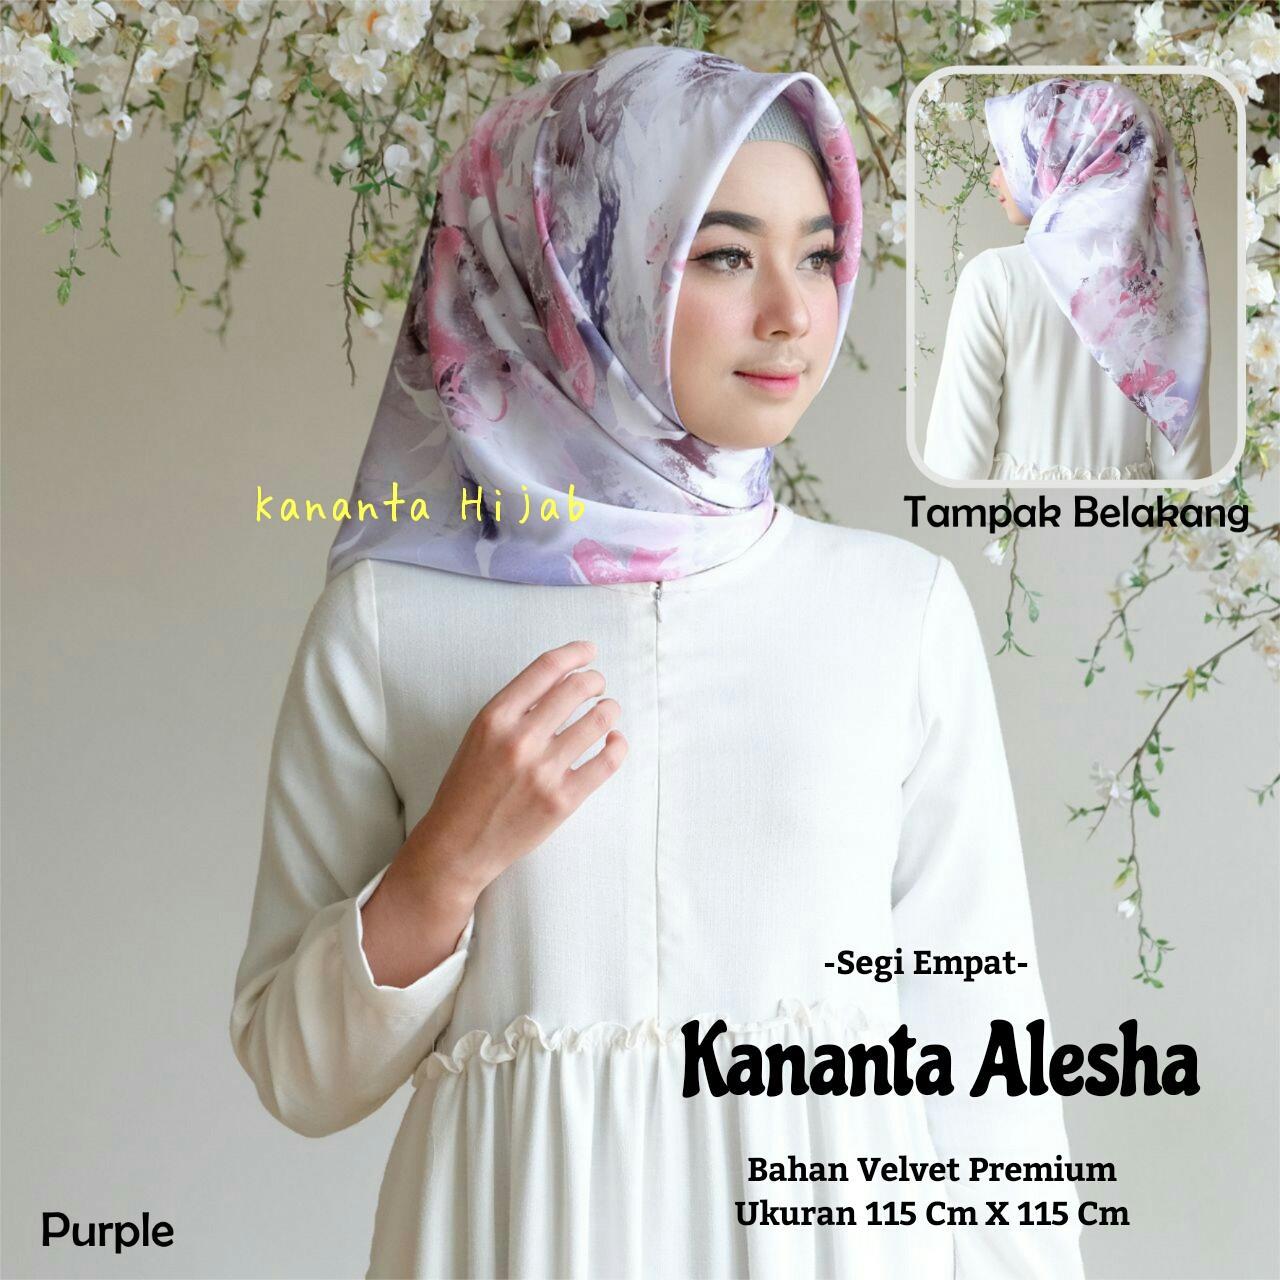 Kananta Alesha Purple.jpeg